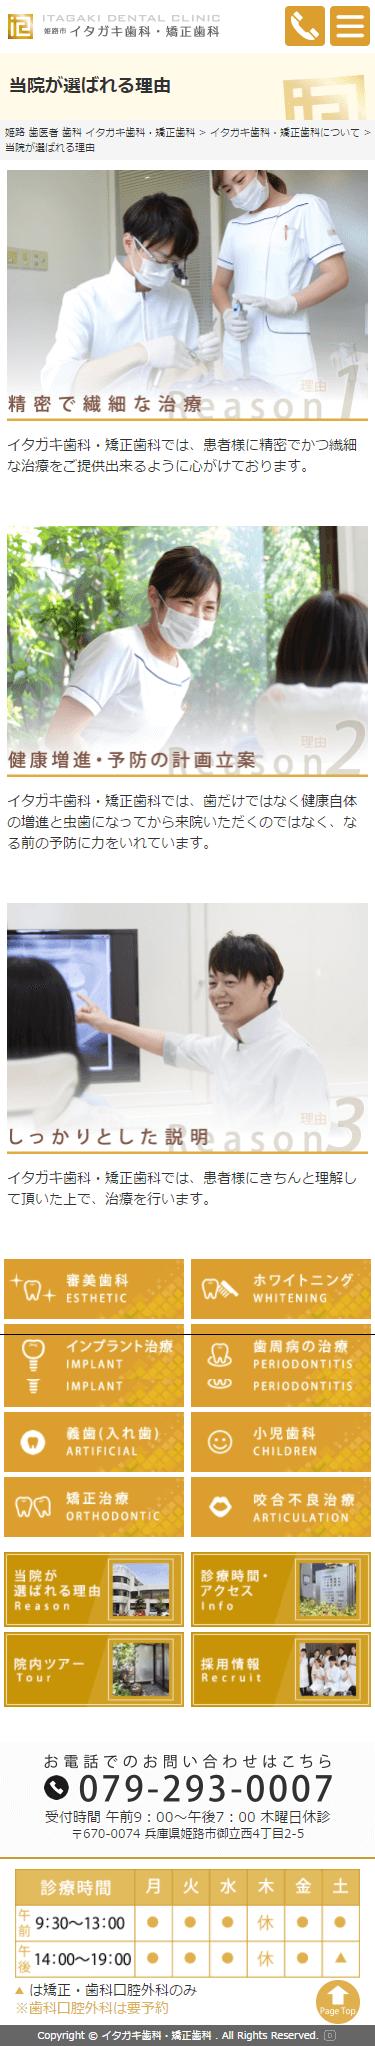 姫路市 イタガキ歯科・矯正歯科様 ホームページ制作4